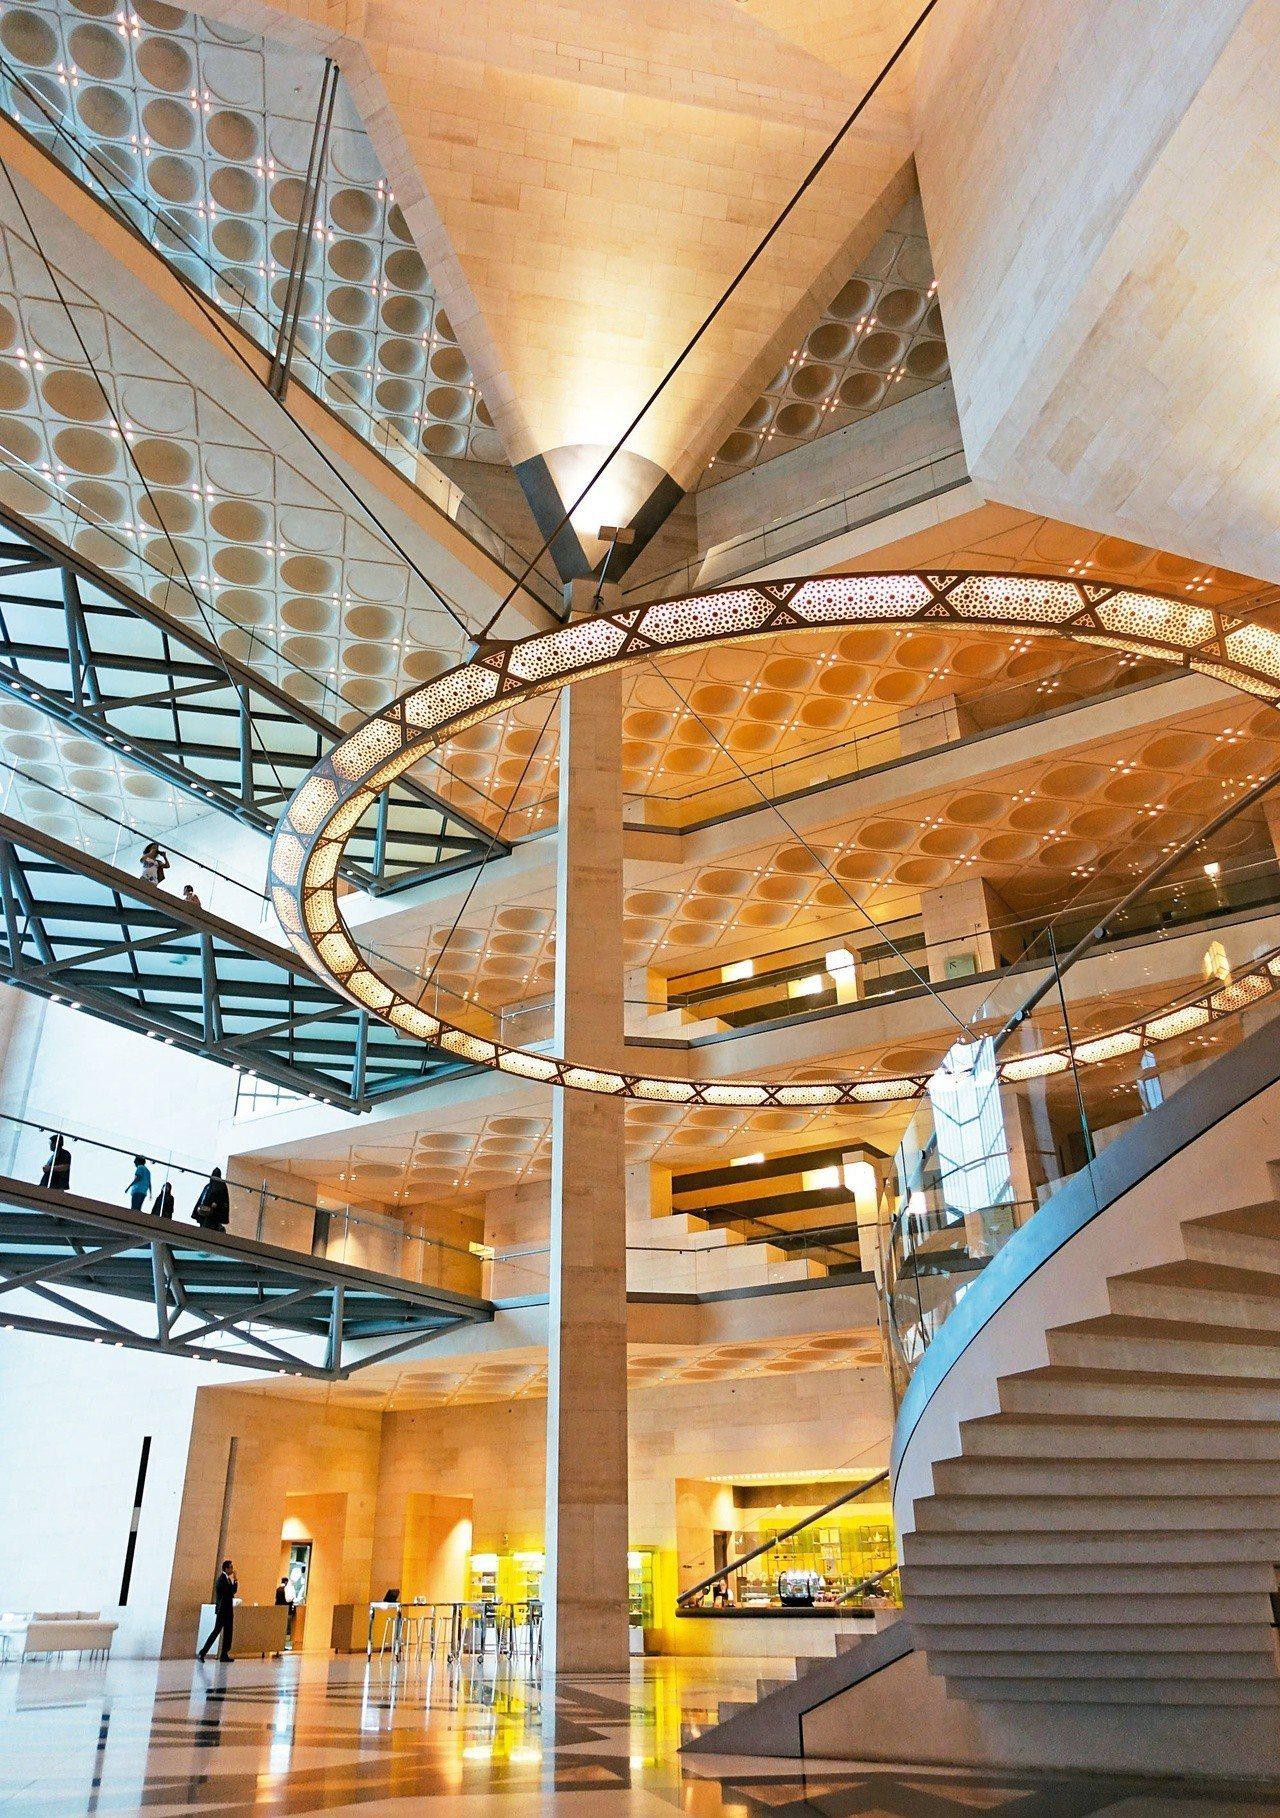 建築大師貝聿銘九十一歲的封刀之作──杜哈伊斯蘭藝術博物館,融合現代主義和伊斯蘭文...